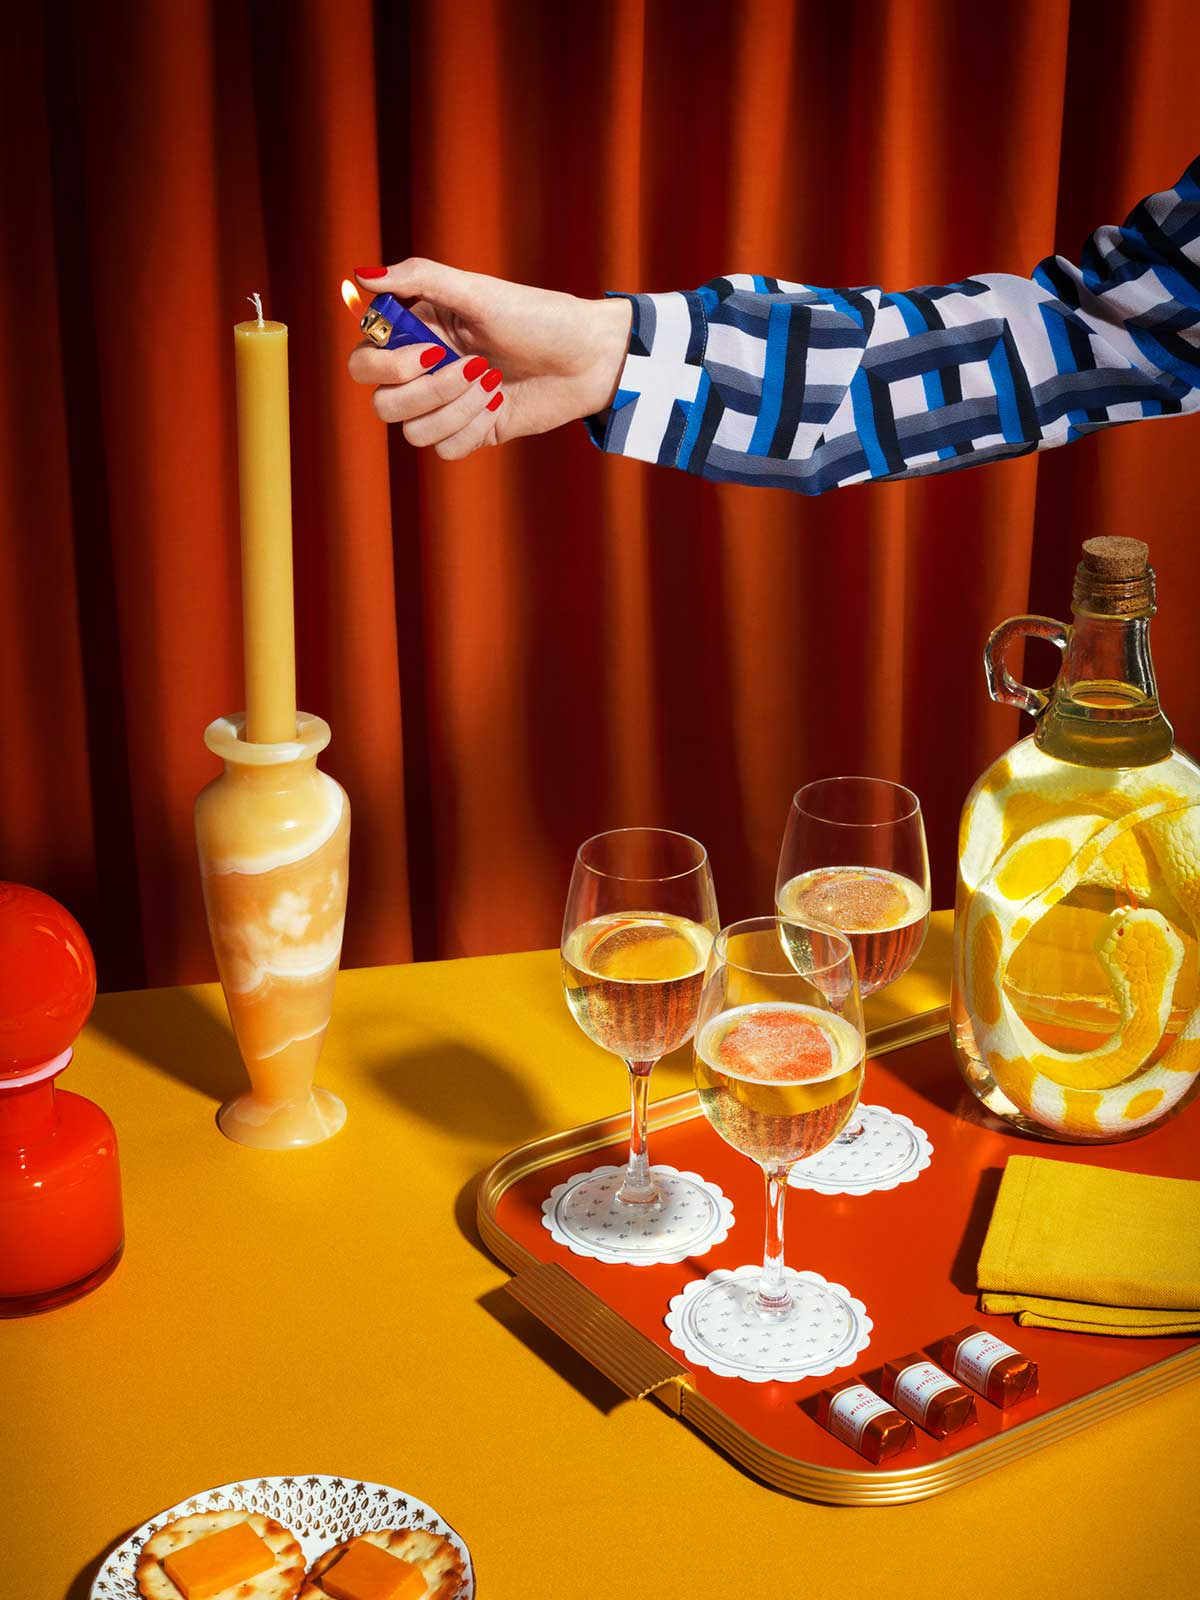 Cortina roja, mesa amarilla, vela, copas, charola y brazo sosteniendo un encendedor.